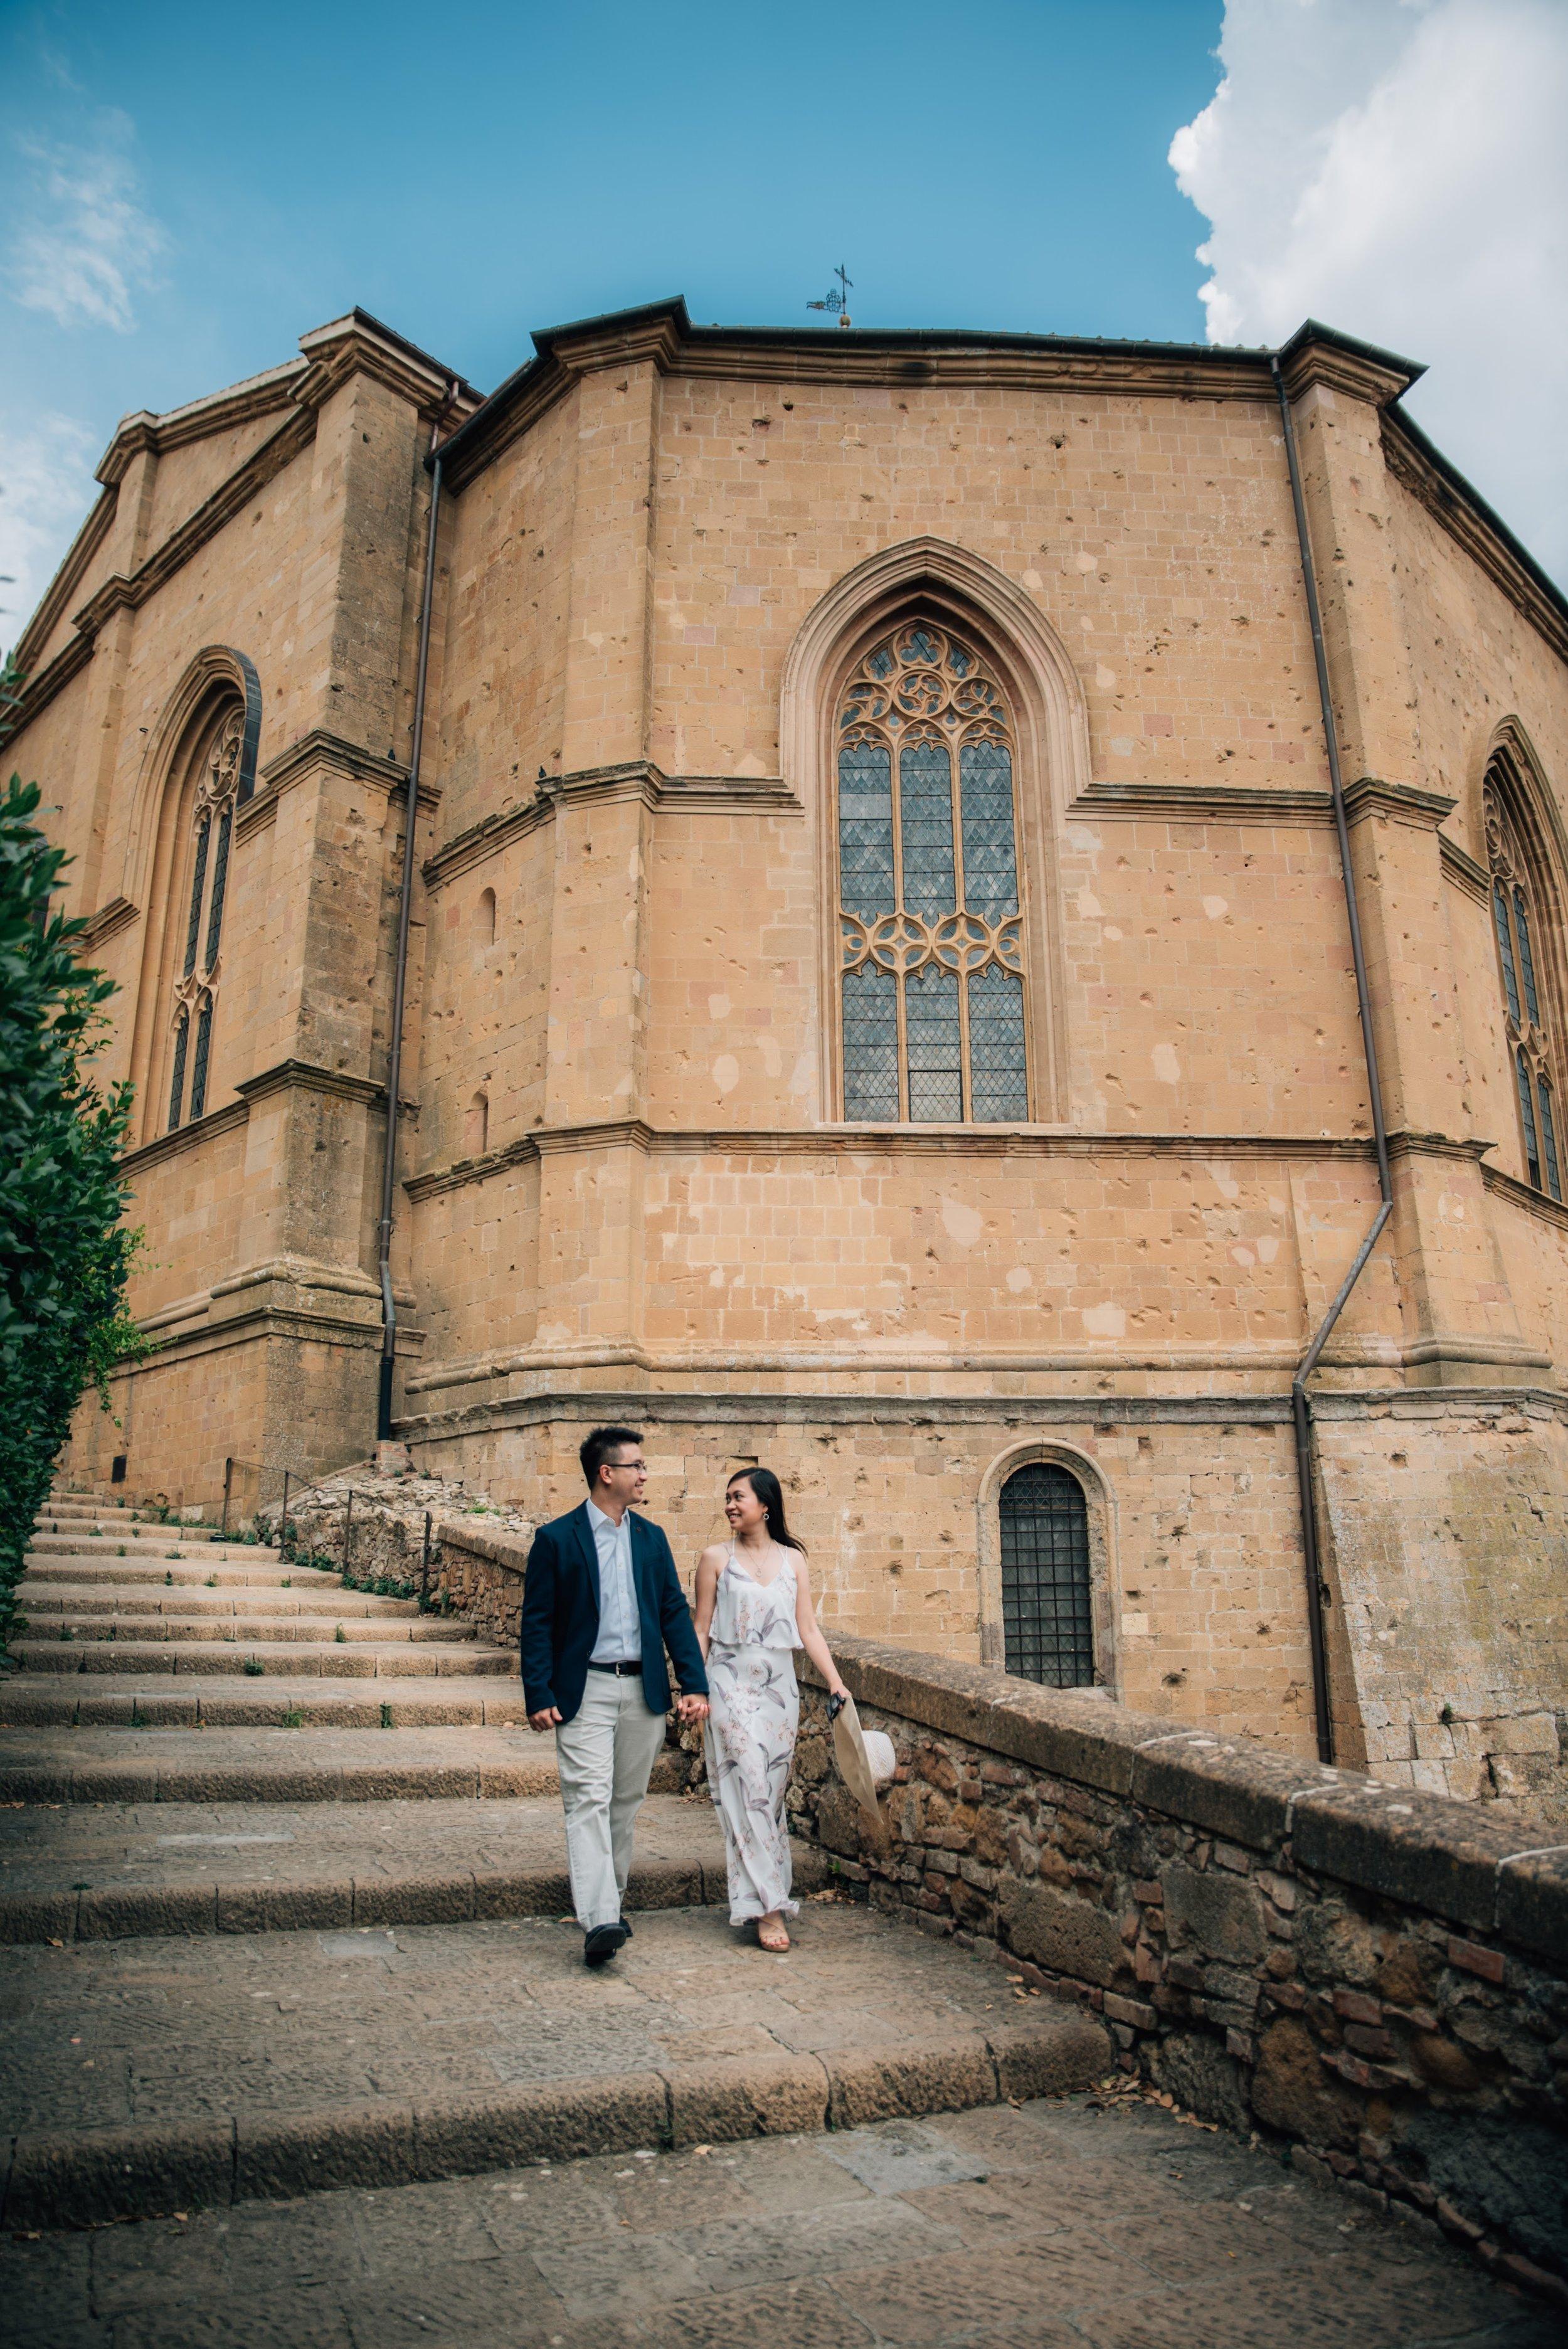 Italy Engagement Photos - Florence, Tuscany, Positano, Amalfi Coast — The Overwhelmed Bride Wedding Blog